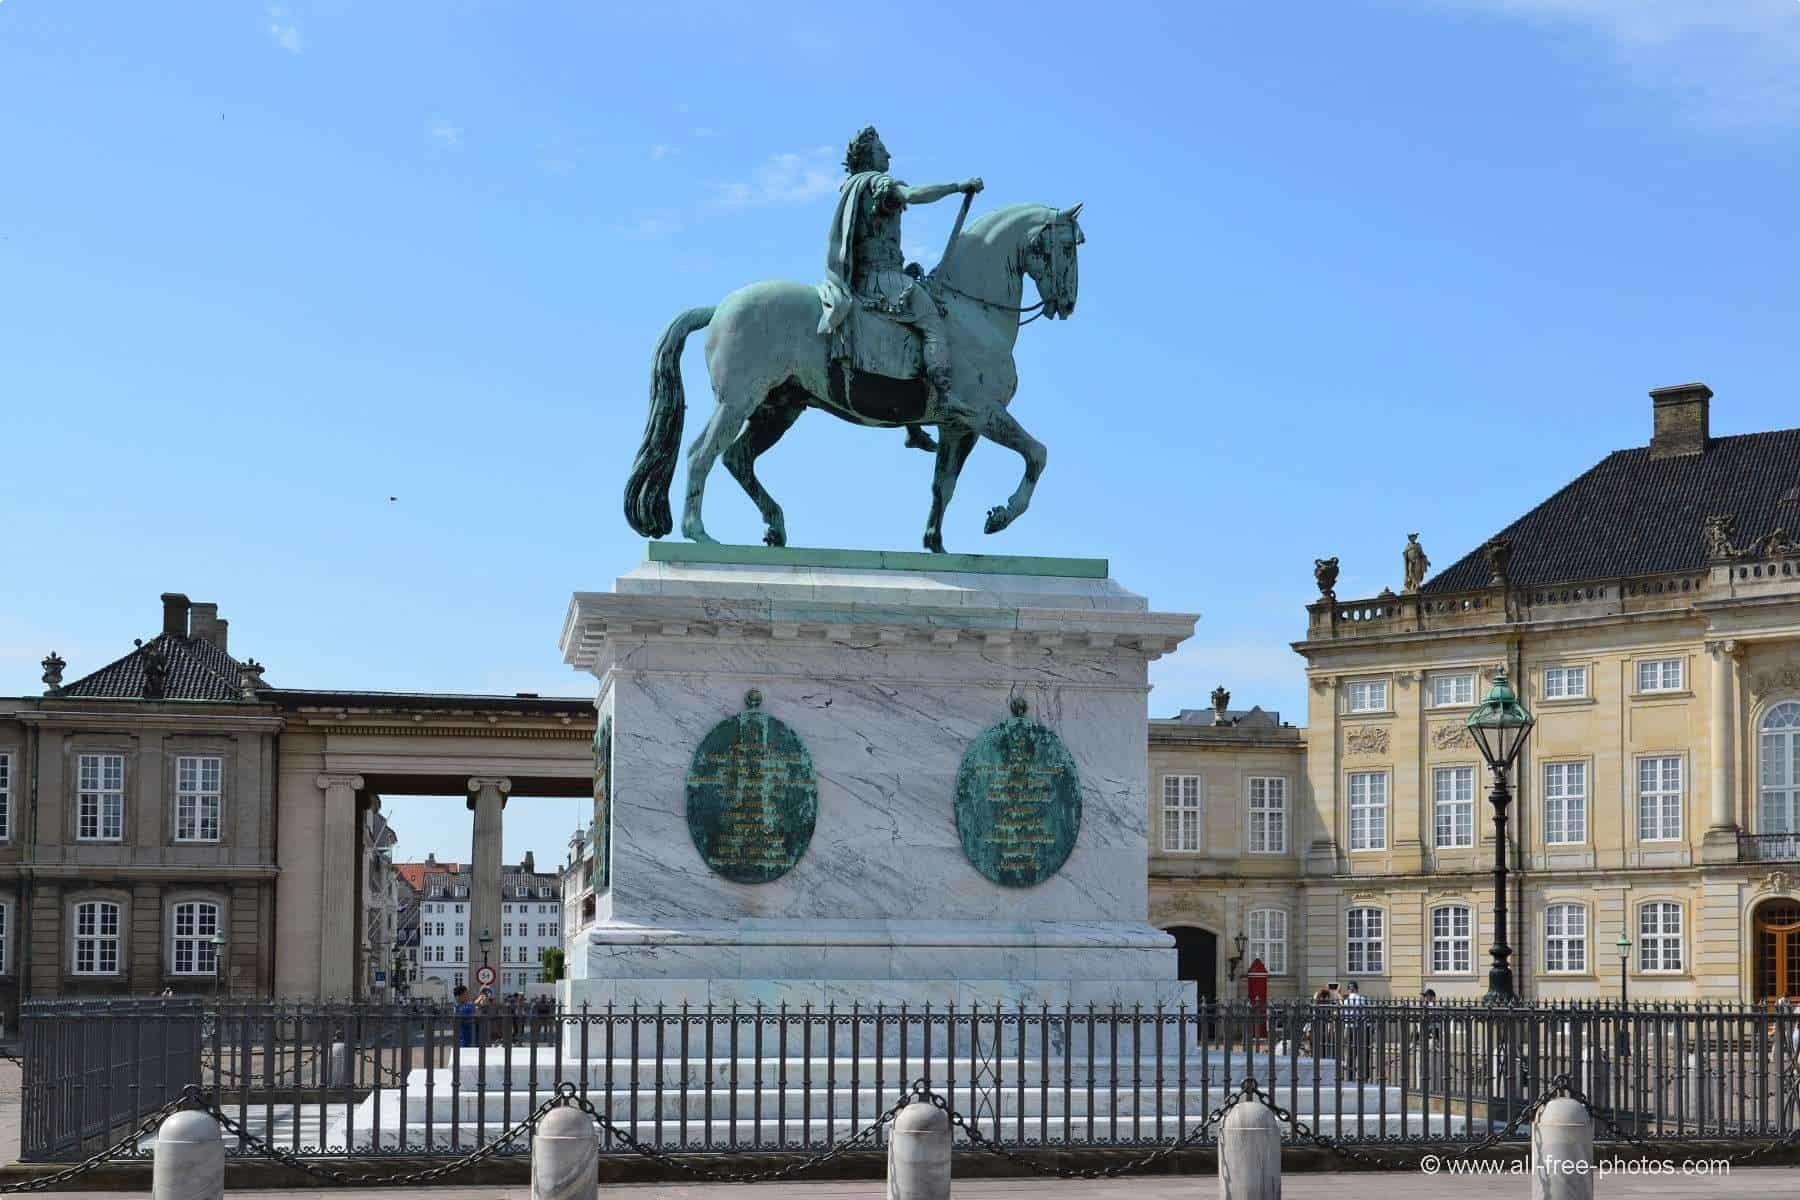 Statue of King Frederick V at Amalienborg Palace